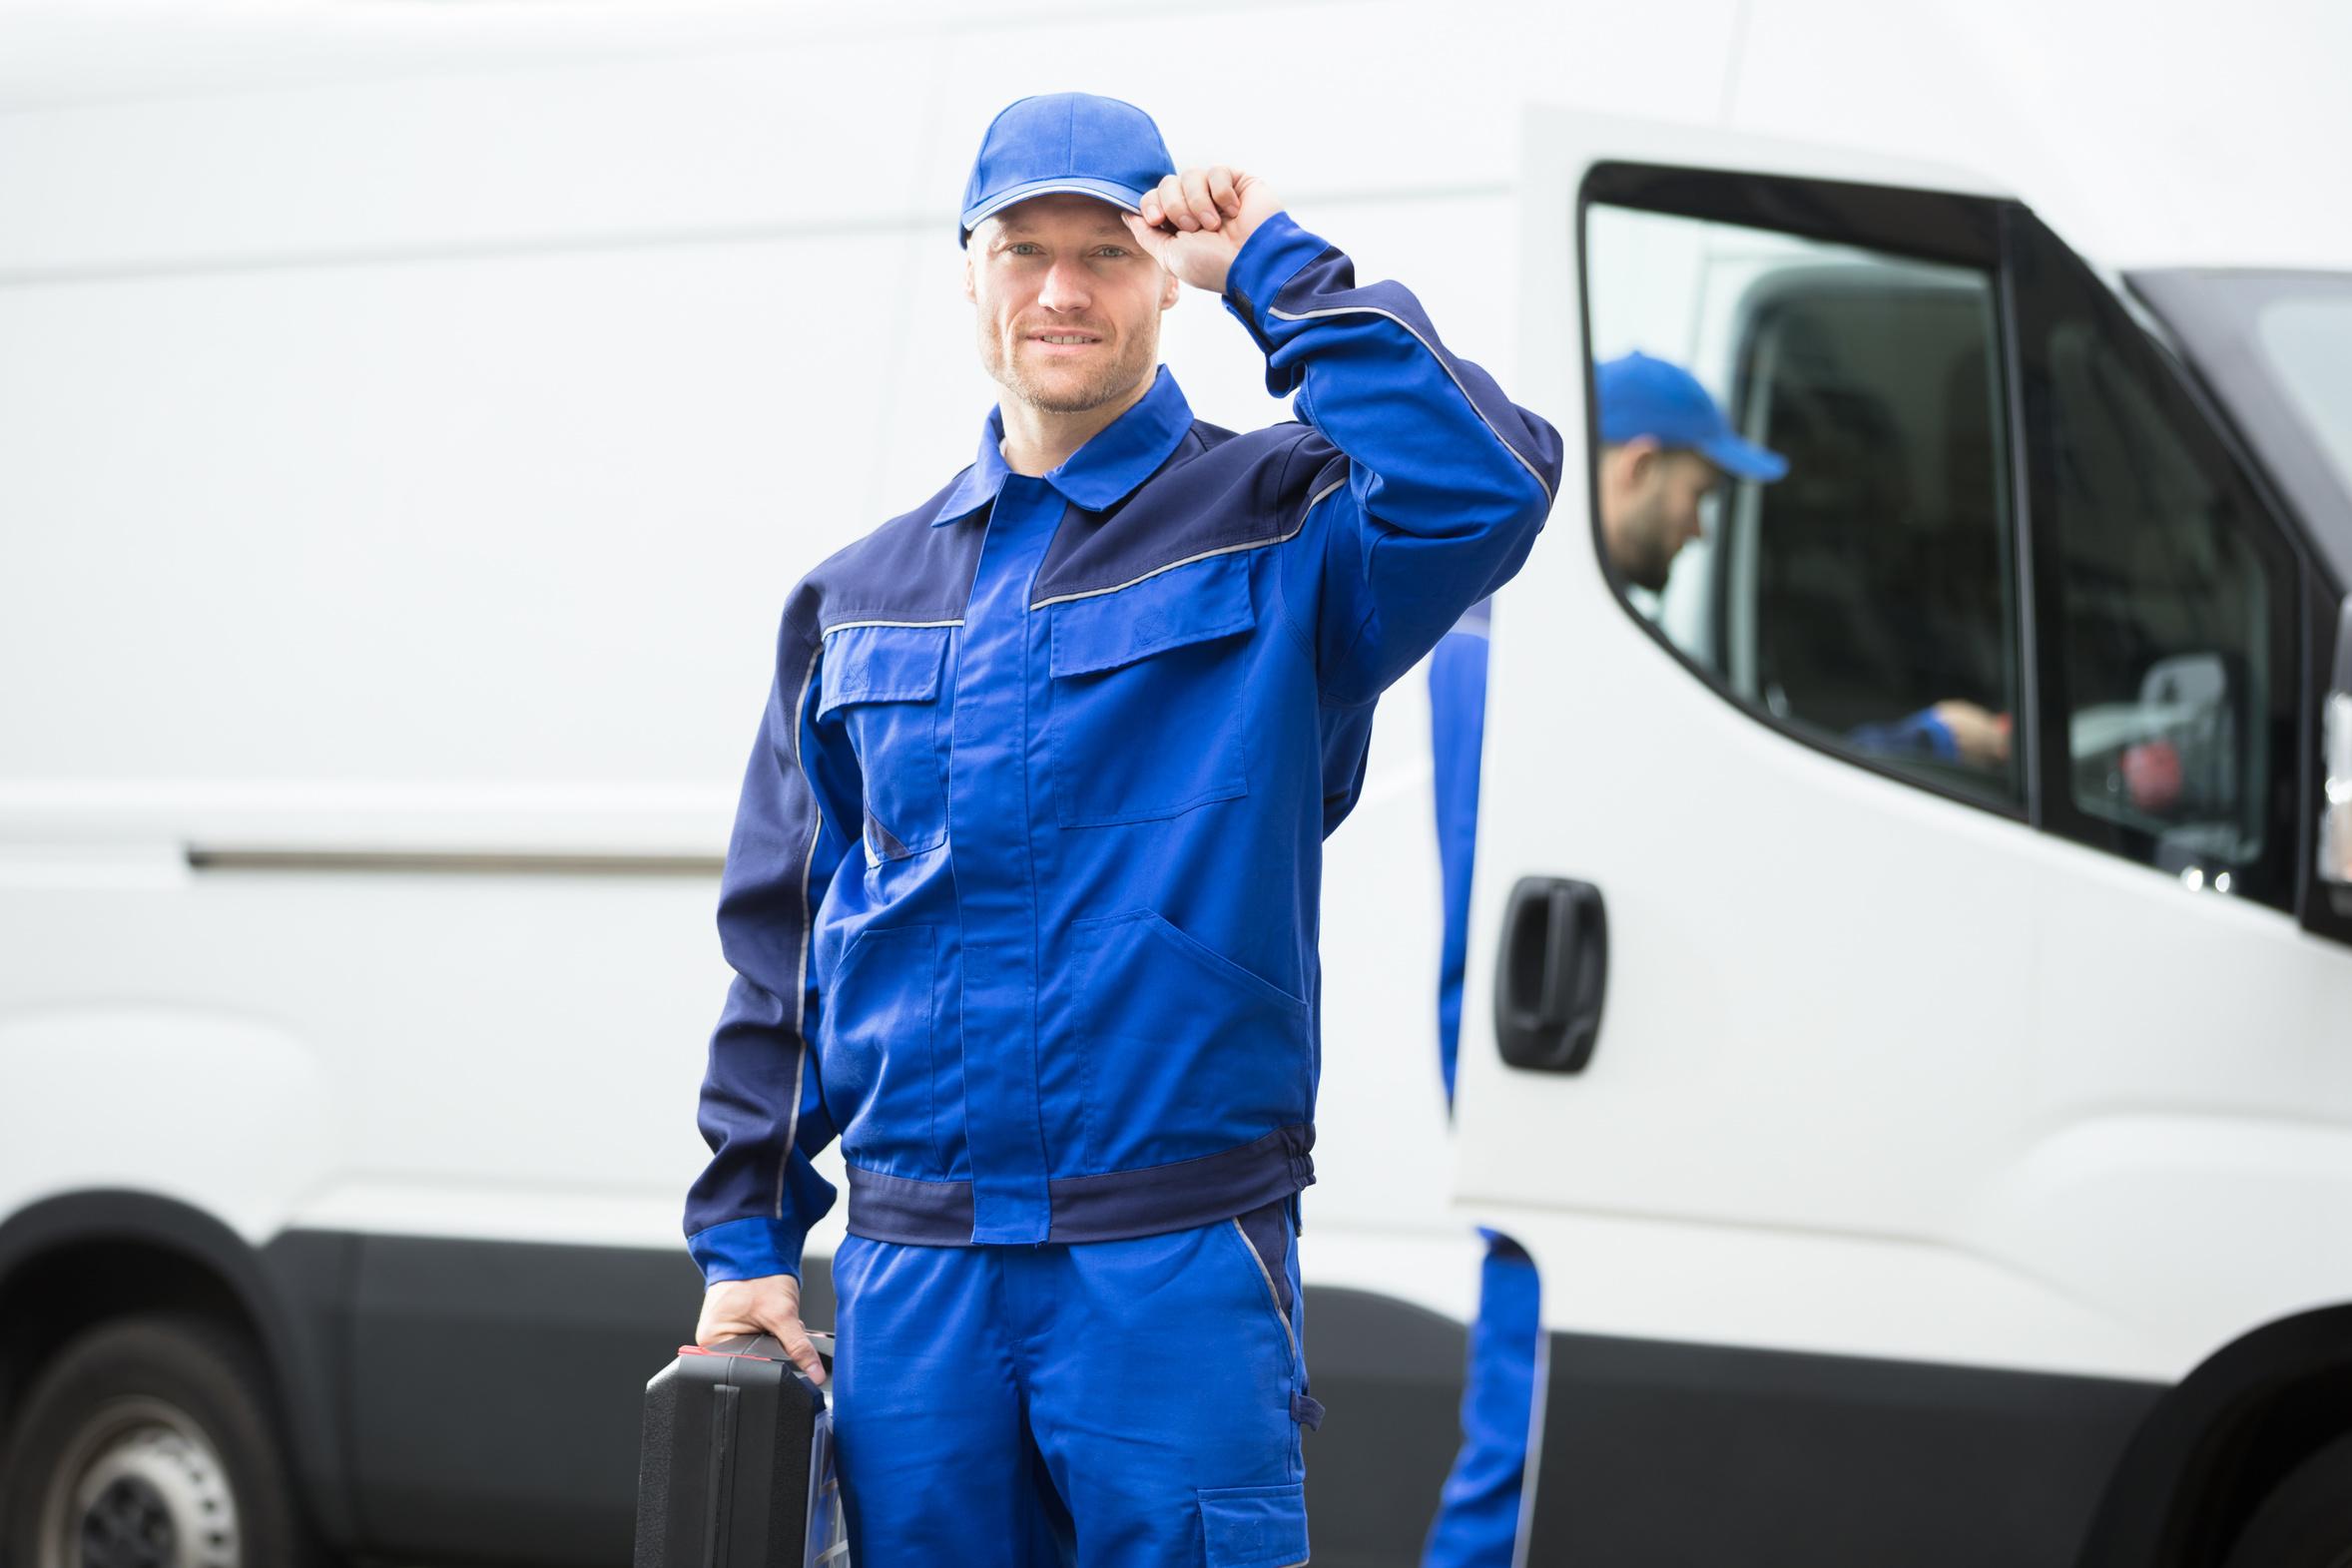 Ein Mann in dunkler Arbeitsjacke fasst sich grüßend an seine Schirmmütze. Im Hintergrund steht ein zweiter Monteur an einem geöffneten Kleintransporter.